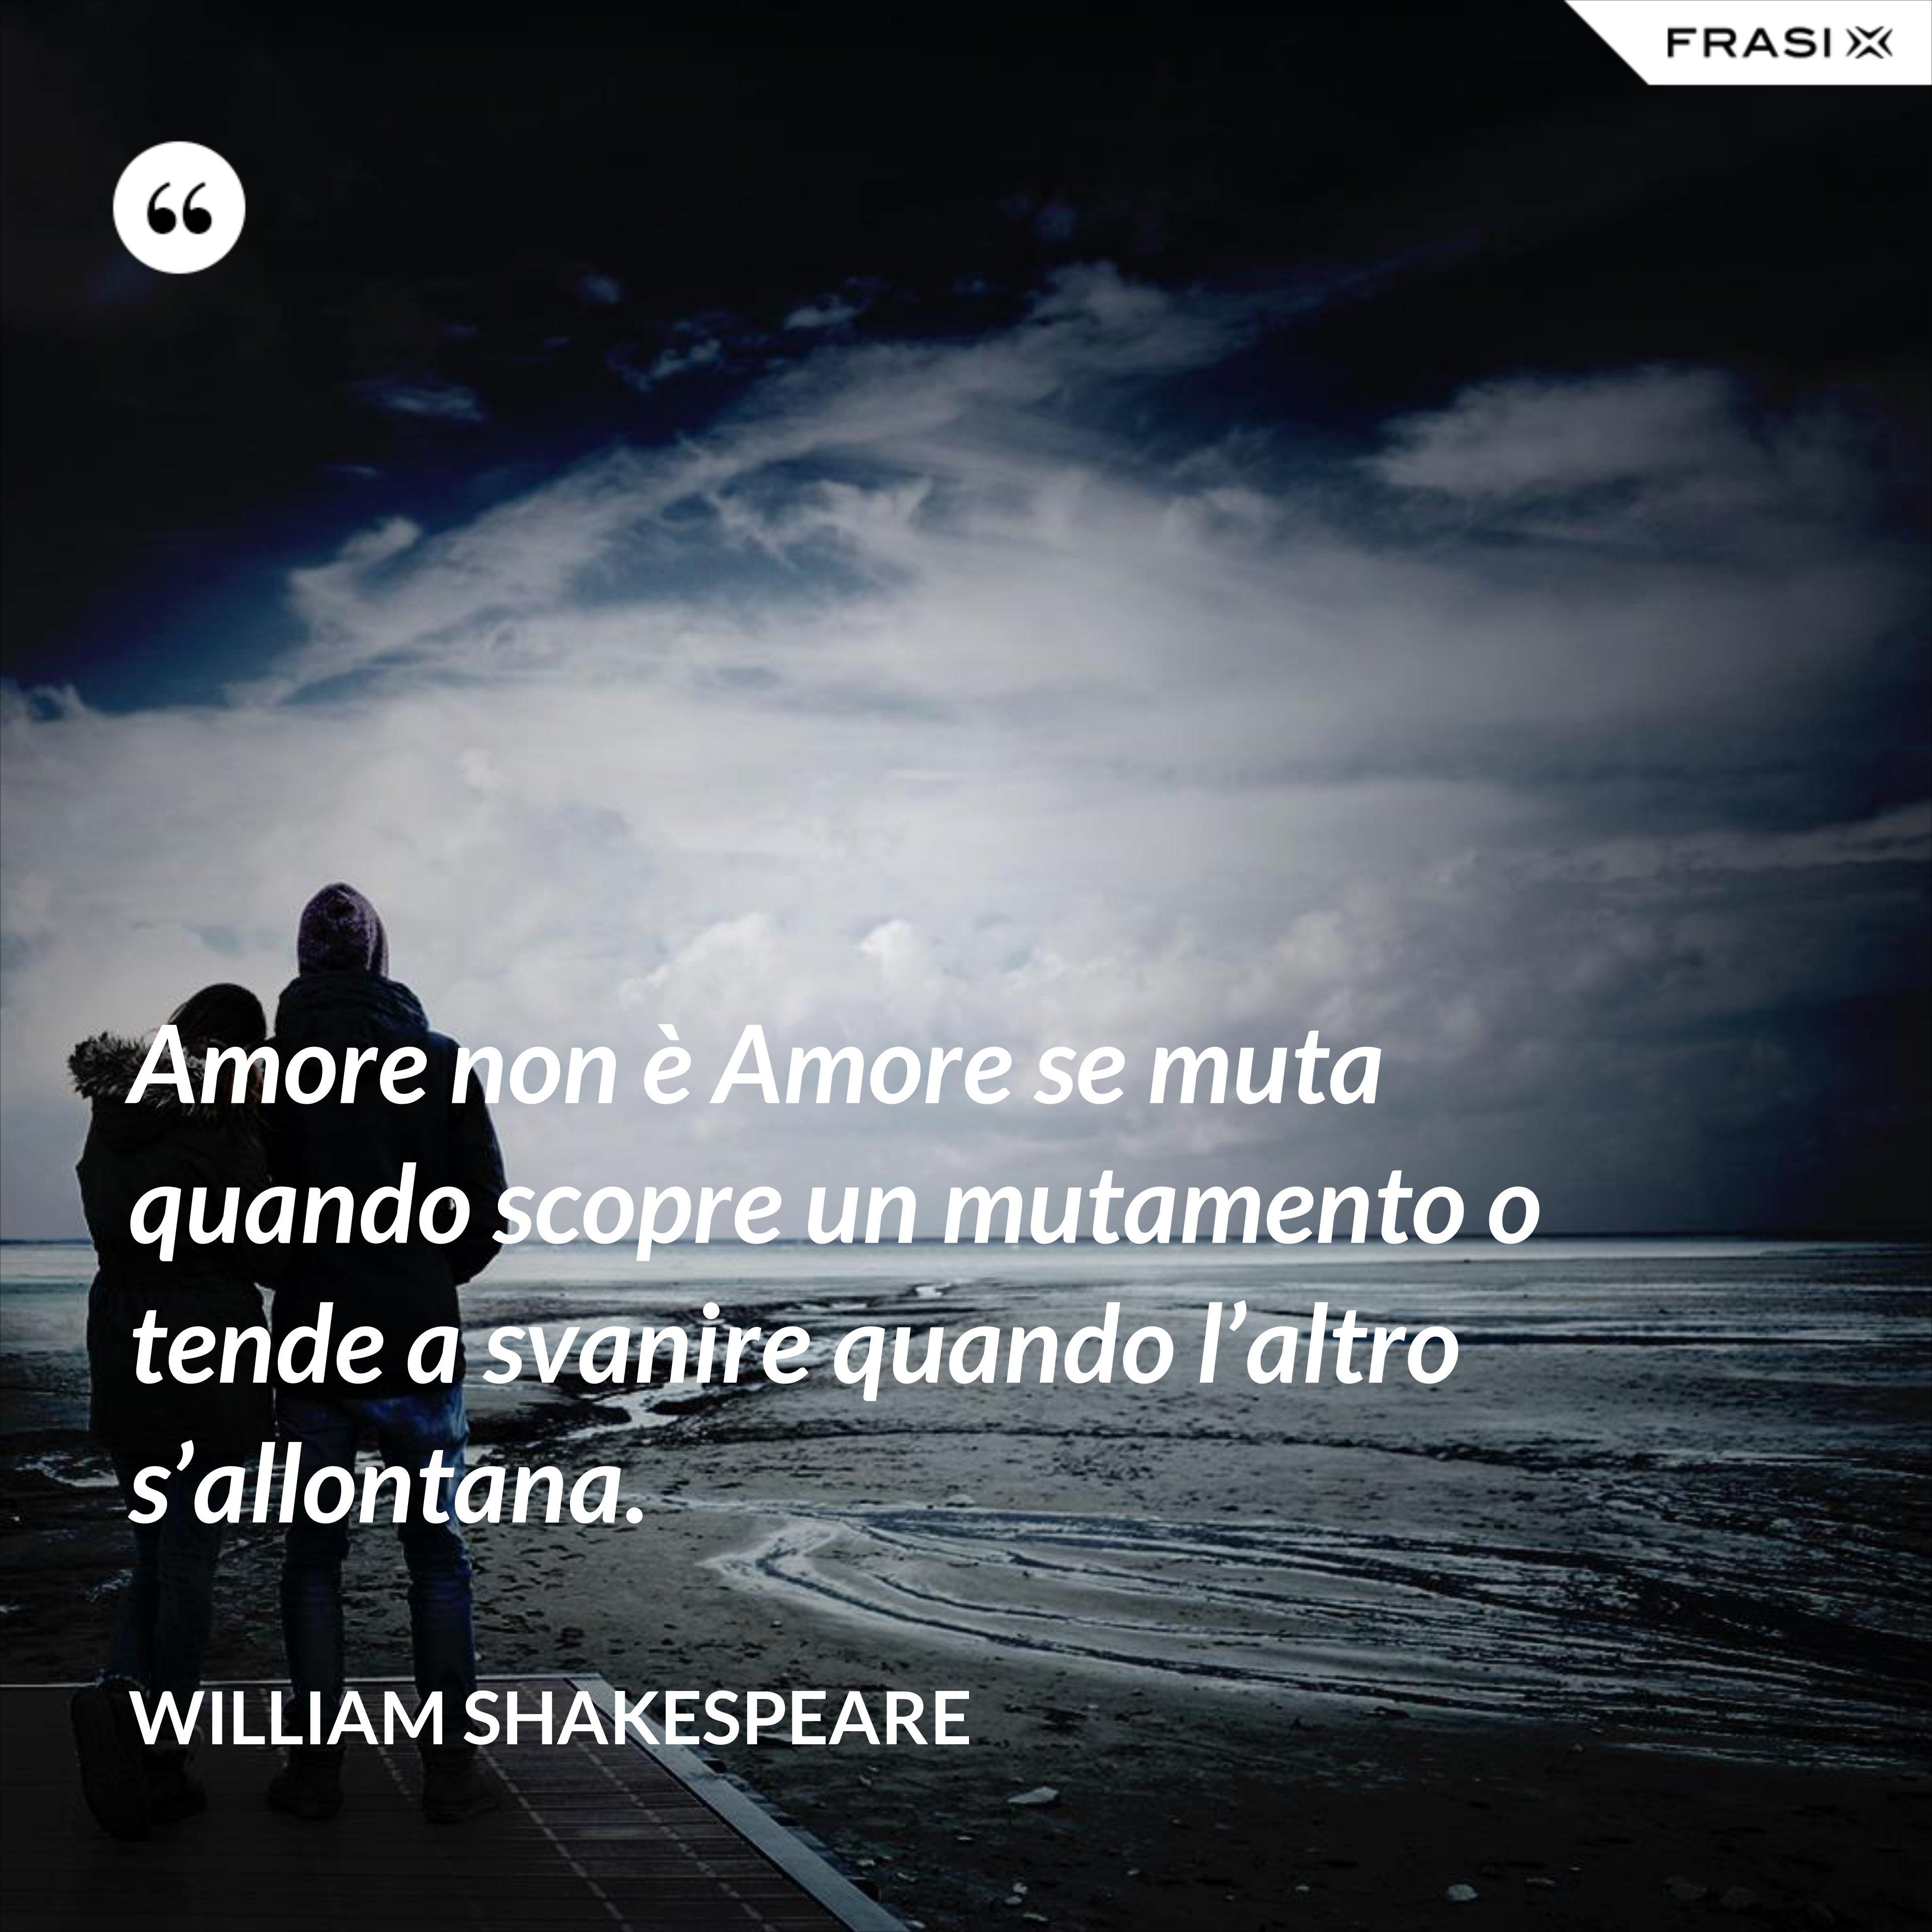 Amore non è Amore se muta quando scopre un mutamento o tende a svanire quando l'altro s'allontana. - William Shakespeare